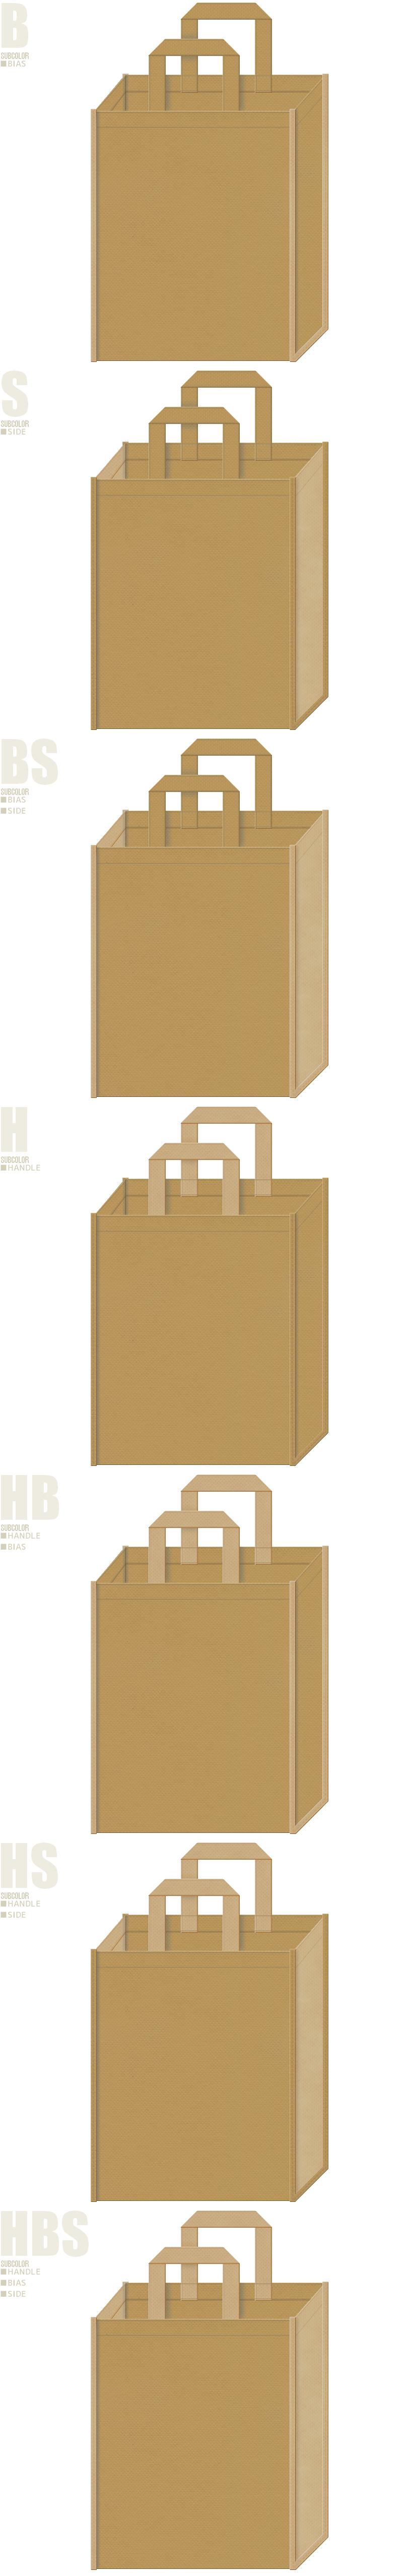 作業用品・日曜大工用品・工具・DIYの展示会用バッグにお奨めの不織布バッグデザイン:マスタード色とカーキ色の配色7パターン